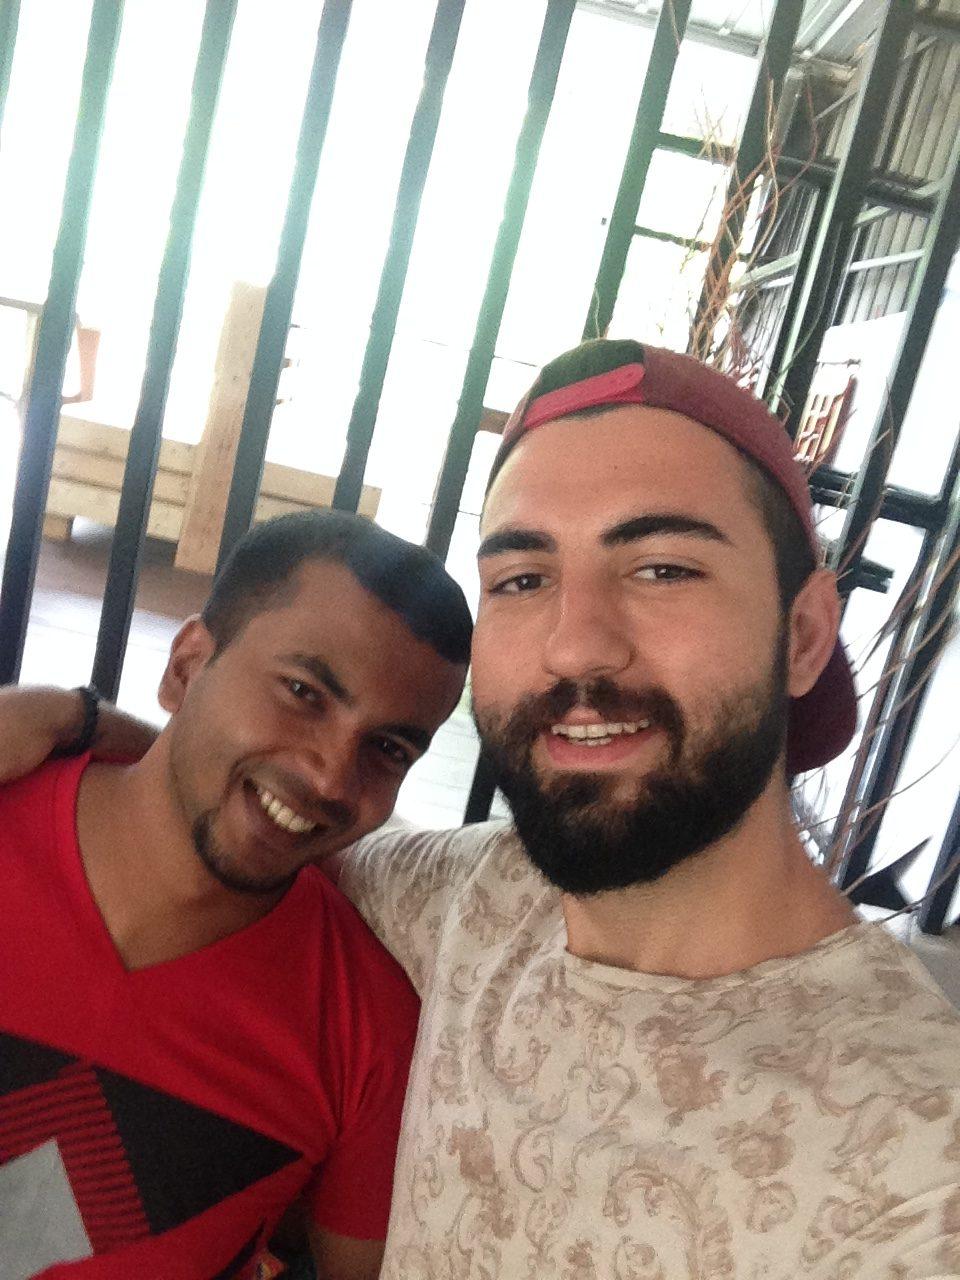 Mirissa'da kaldığım hostelin sahibi arkadaşım Chutu